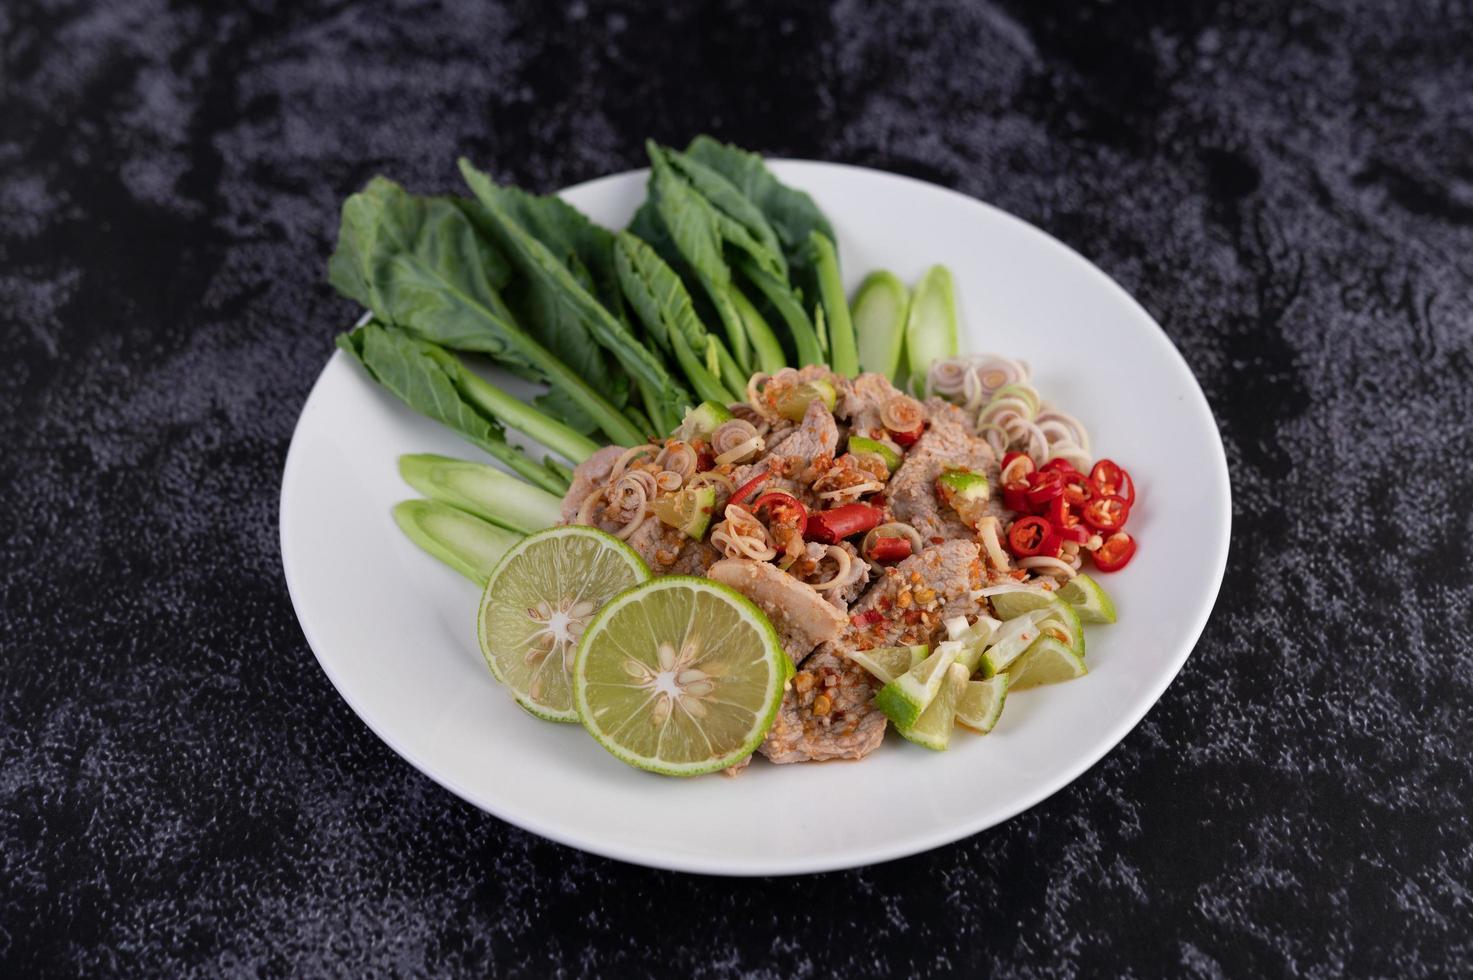 salade de porc épicée à la lime sur lit de verdure photo